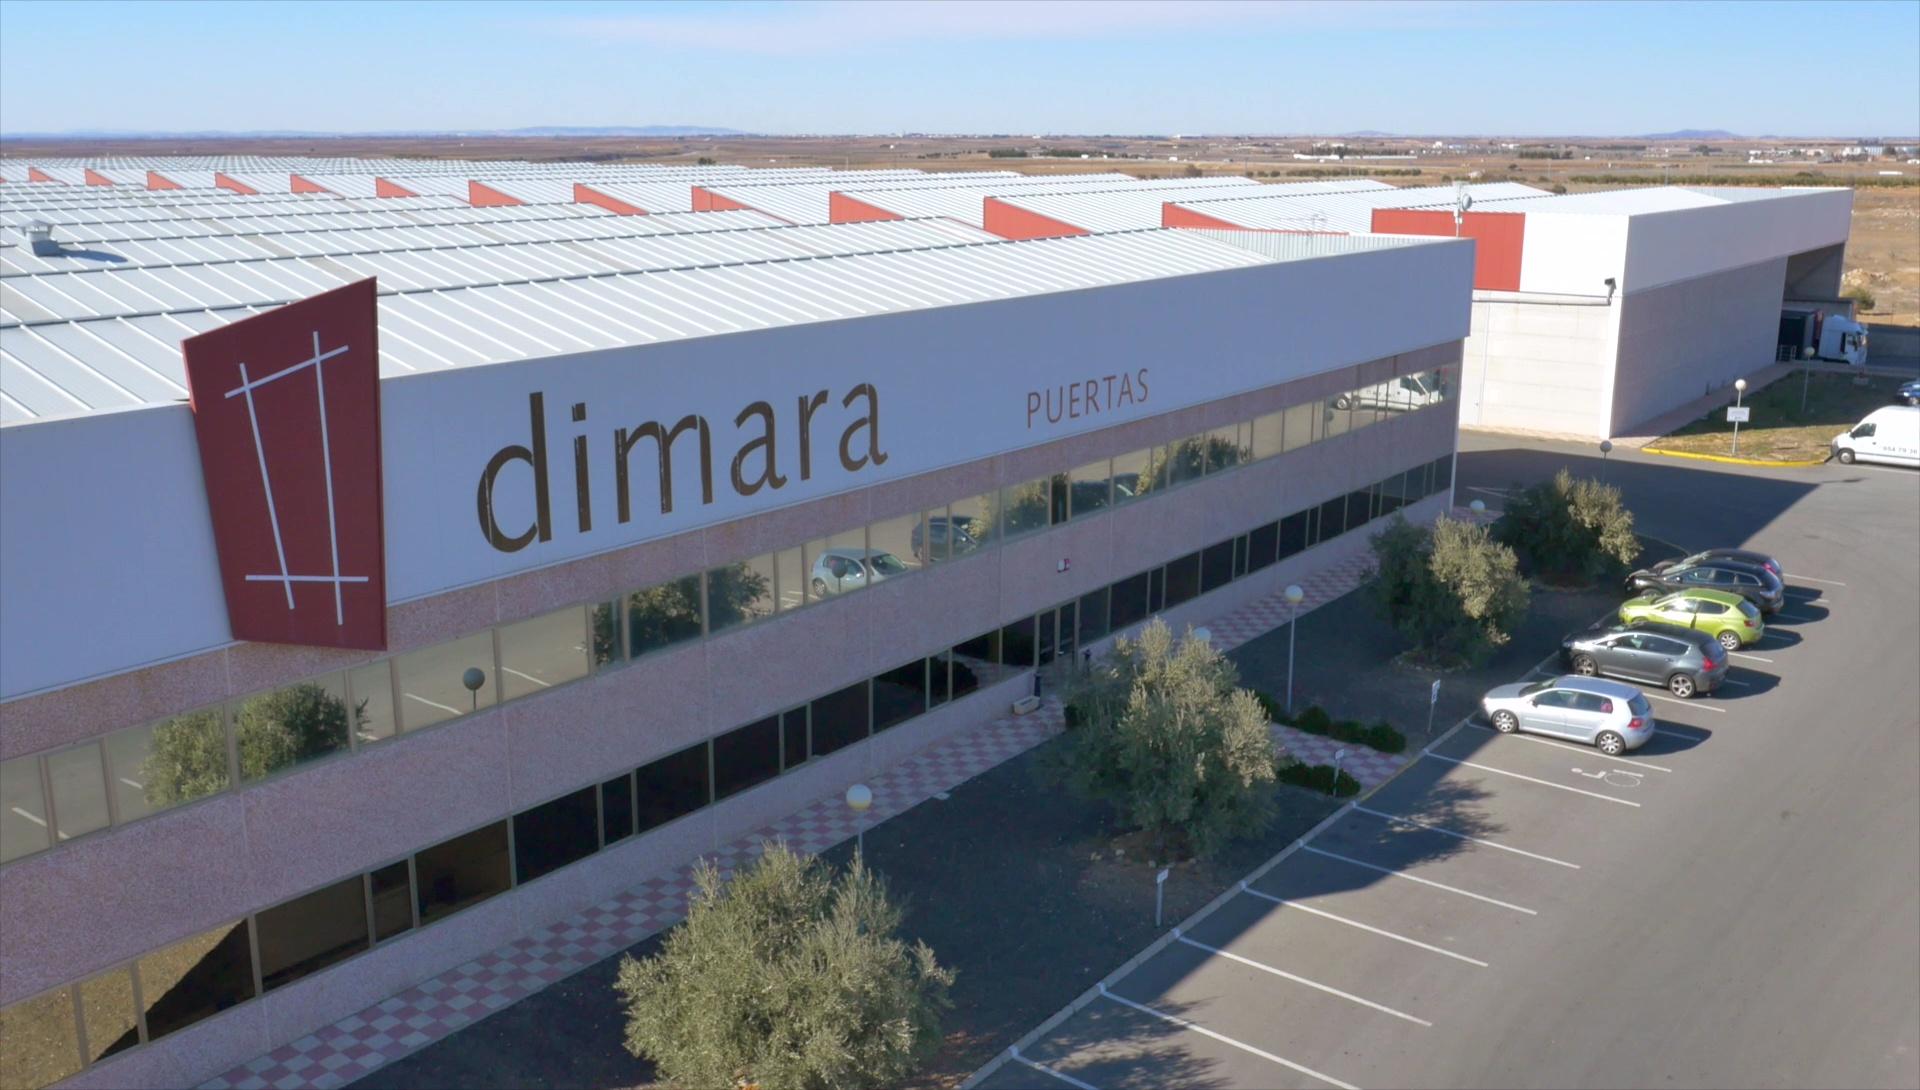 Dimoldur Zu, Führer In Spanien Bei Der Herstellung Von Türen Und Formteilen,  Unterstützen FIMMA Maderalia   Werkstoffe Und Technologie